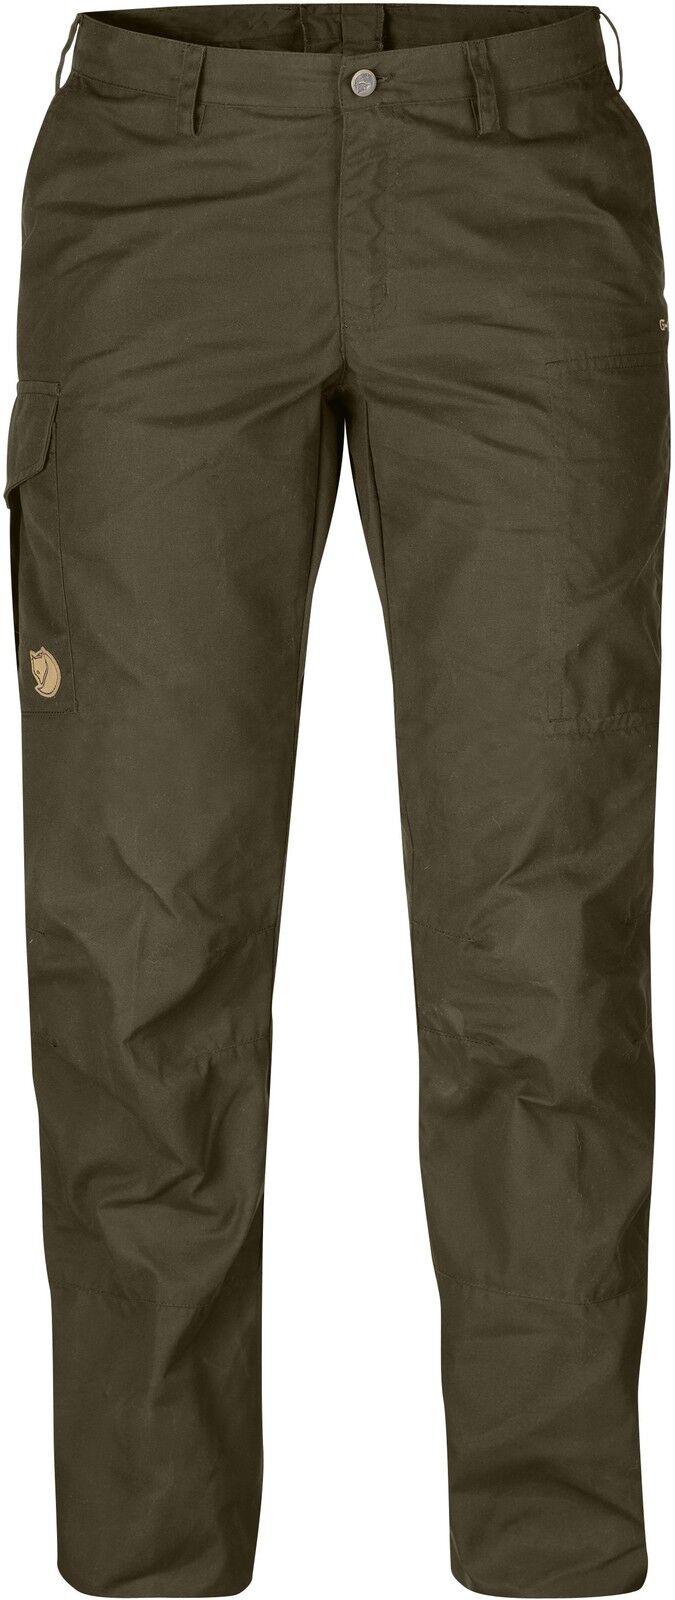 Fjällräven Karla Pro Trousers 89726 dark oliv G-1000 Damenhose Outdoor Jagdhose  | Export